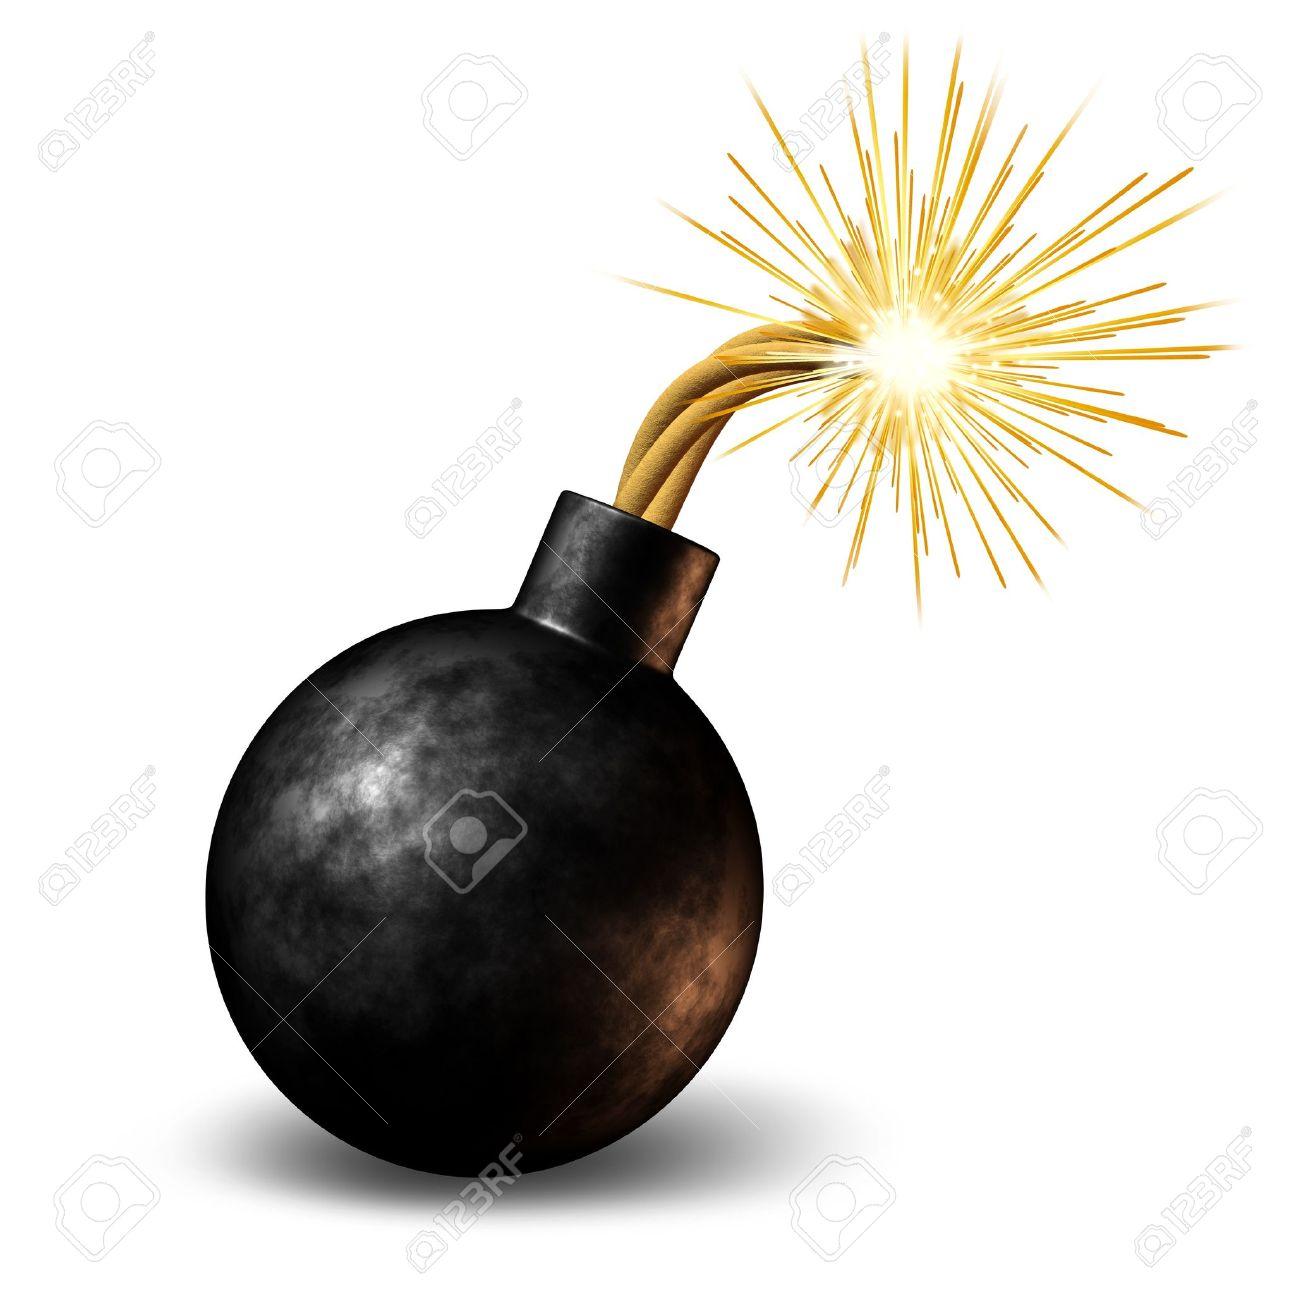 Bomba con fusibile illuminato in fiamme scintille fealing il calore come un avvertimento pericoloso di una scadenza urgente con un avviso di imminente esplosione su uno sfondo bianco. Archivio Fotografico - 11840306